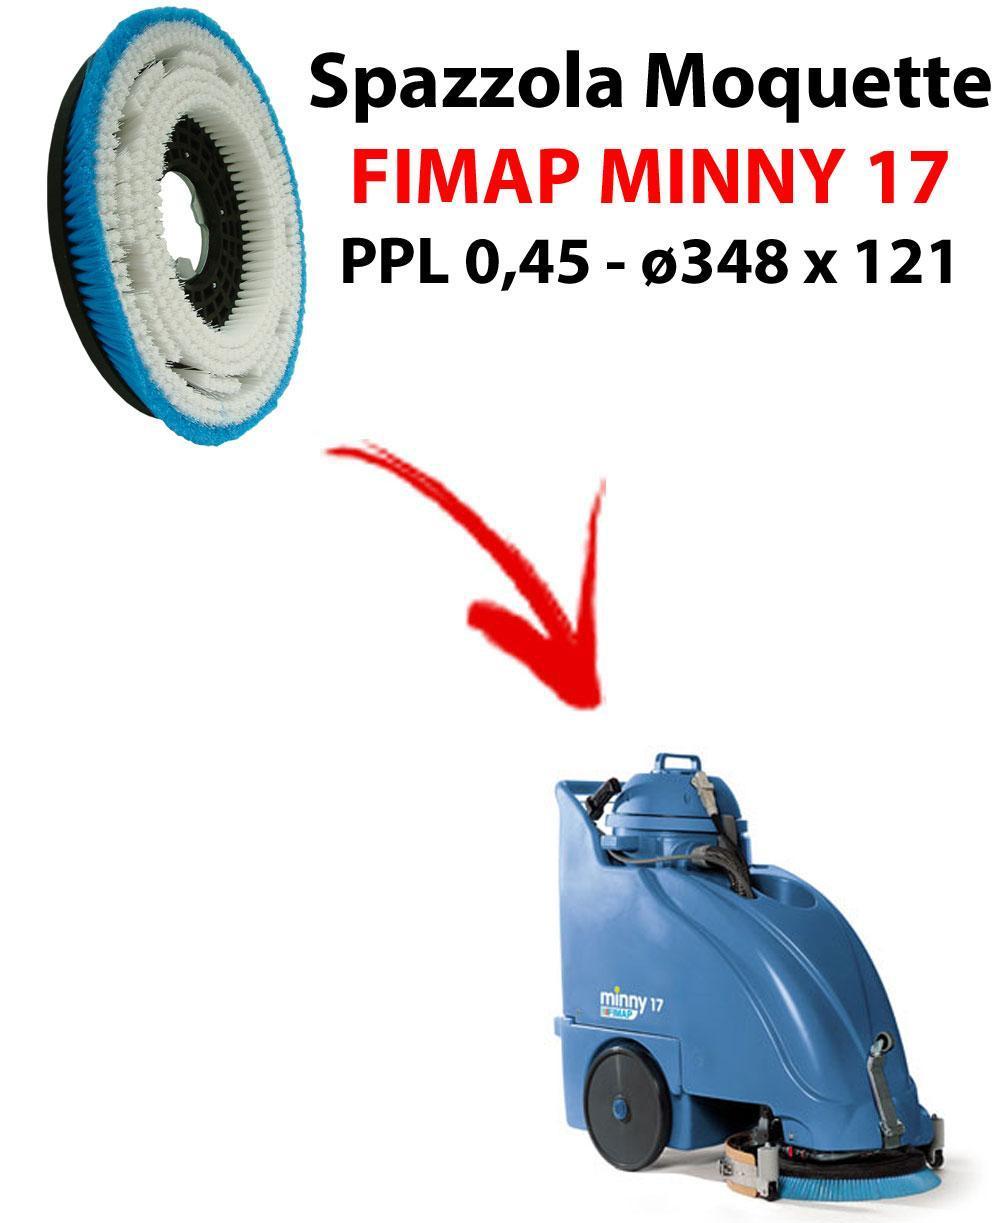 MINNY 17 Bürsten moquette für scheuersaugmaschinen FIMAP